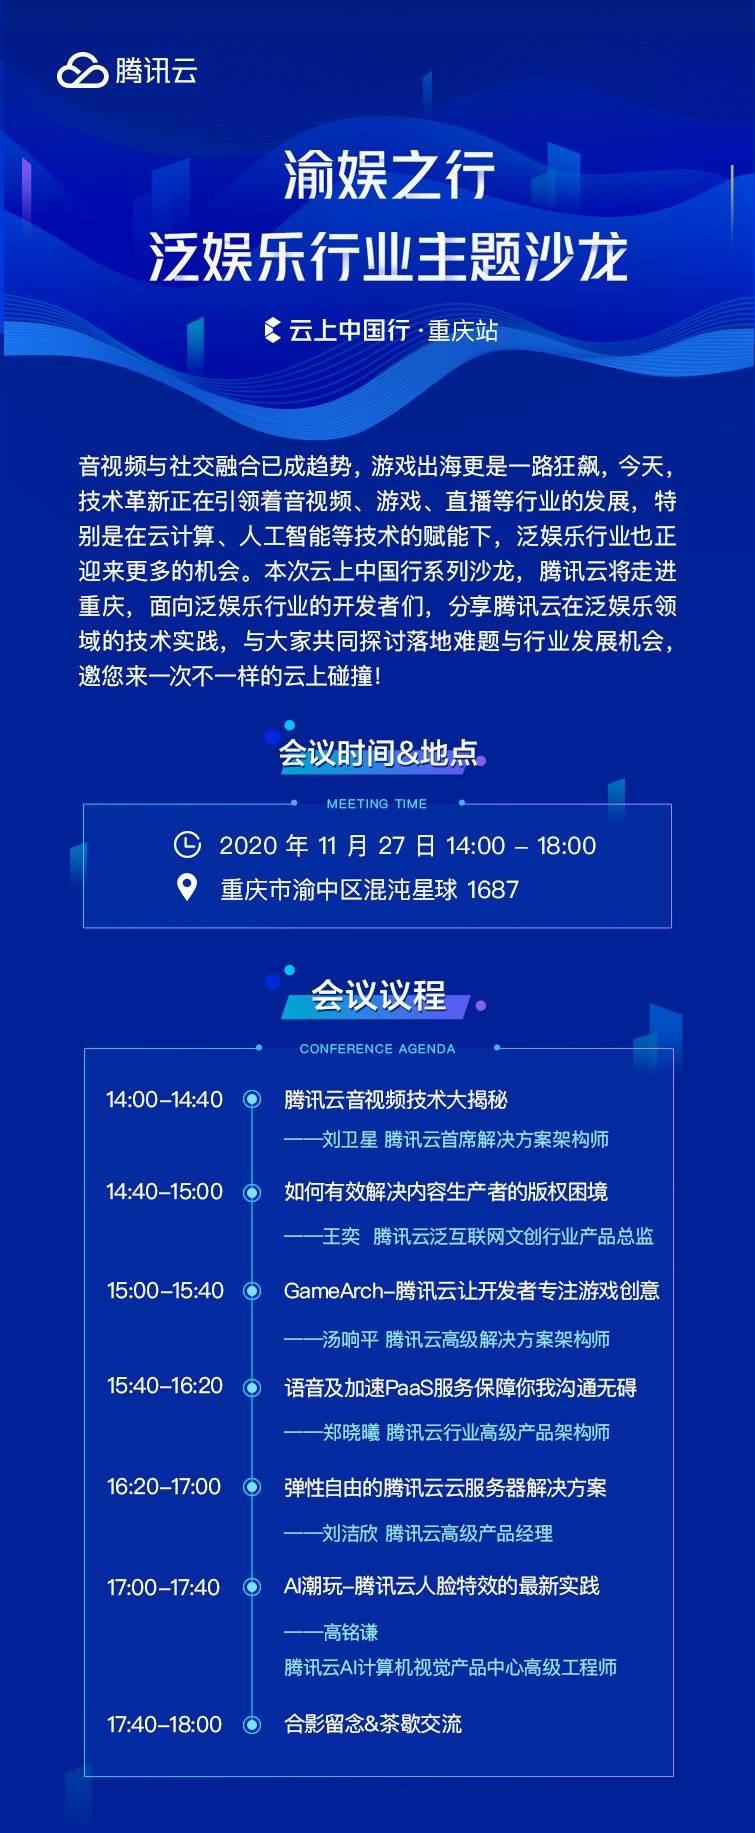 腾讯云沙龙海报长图-微博无码.png